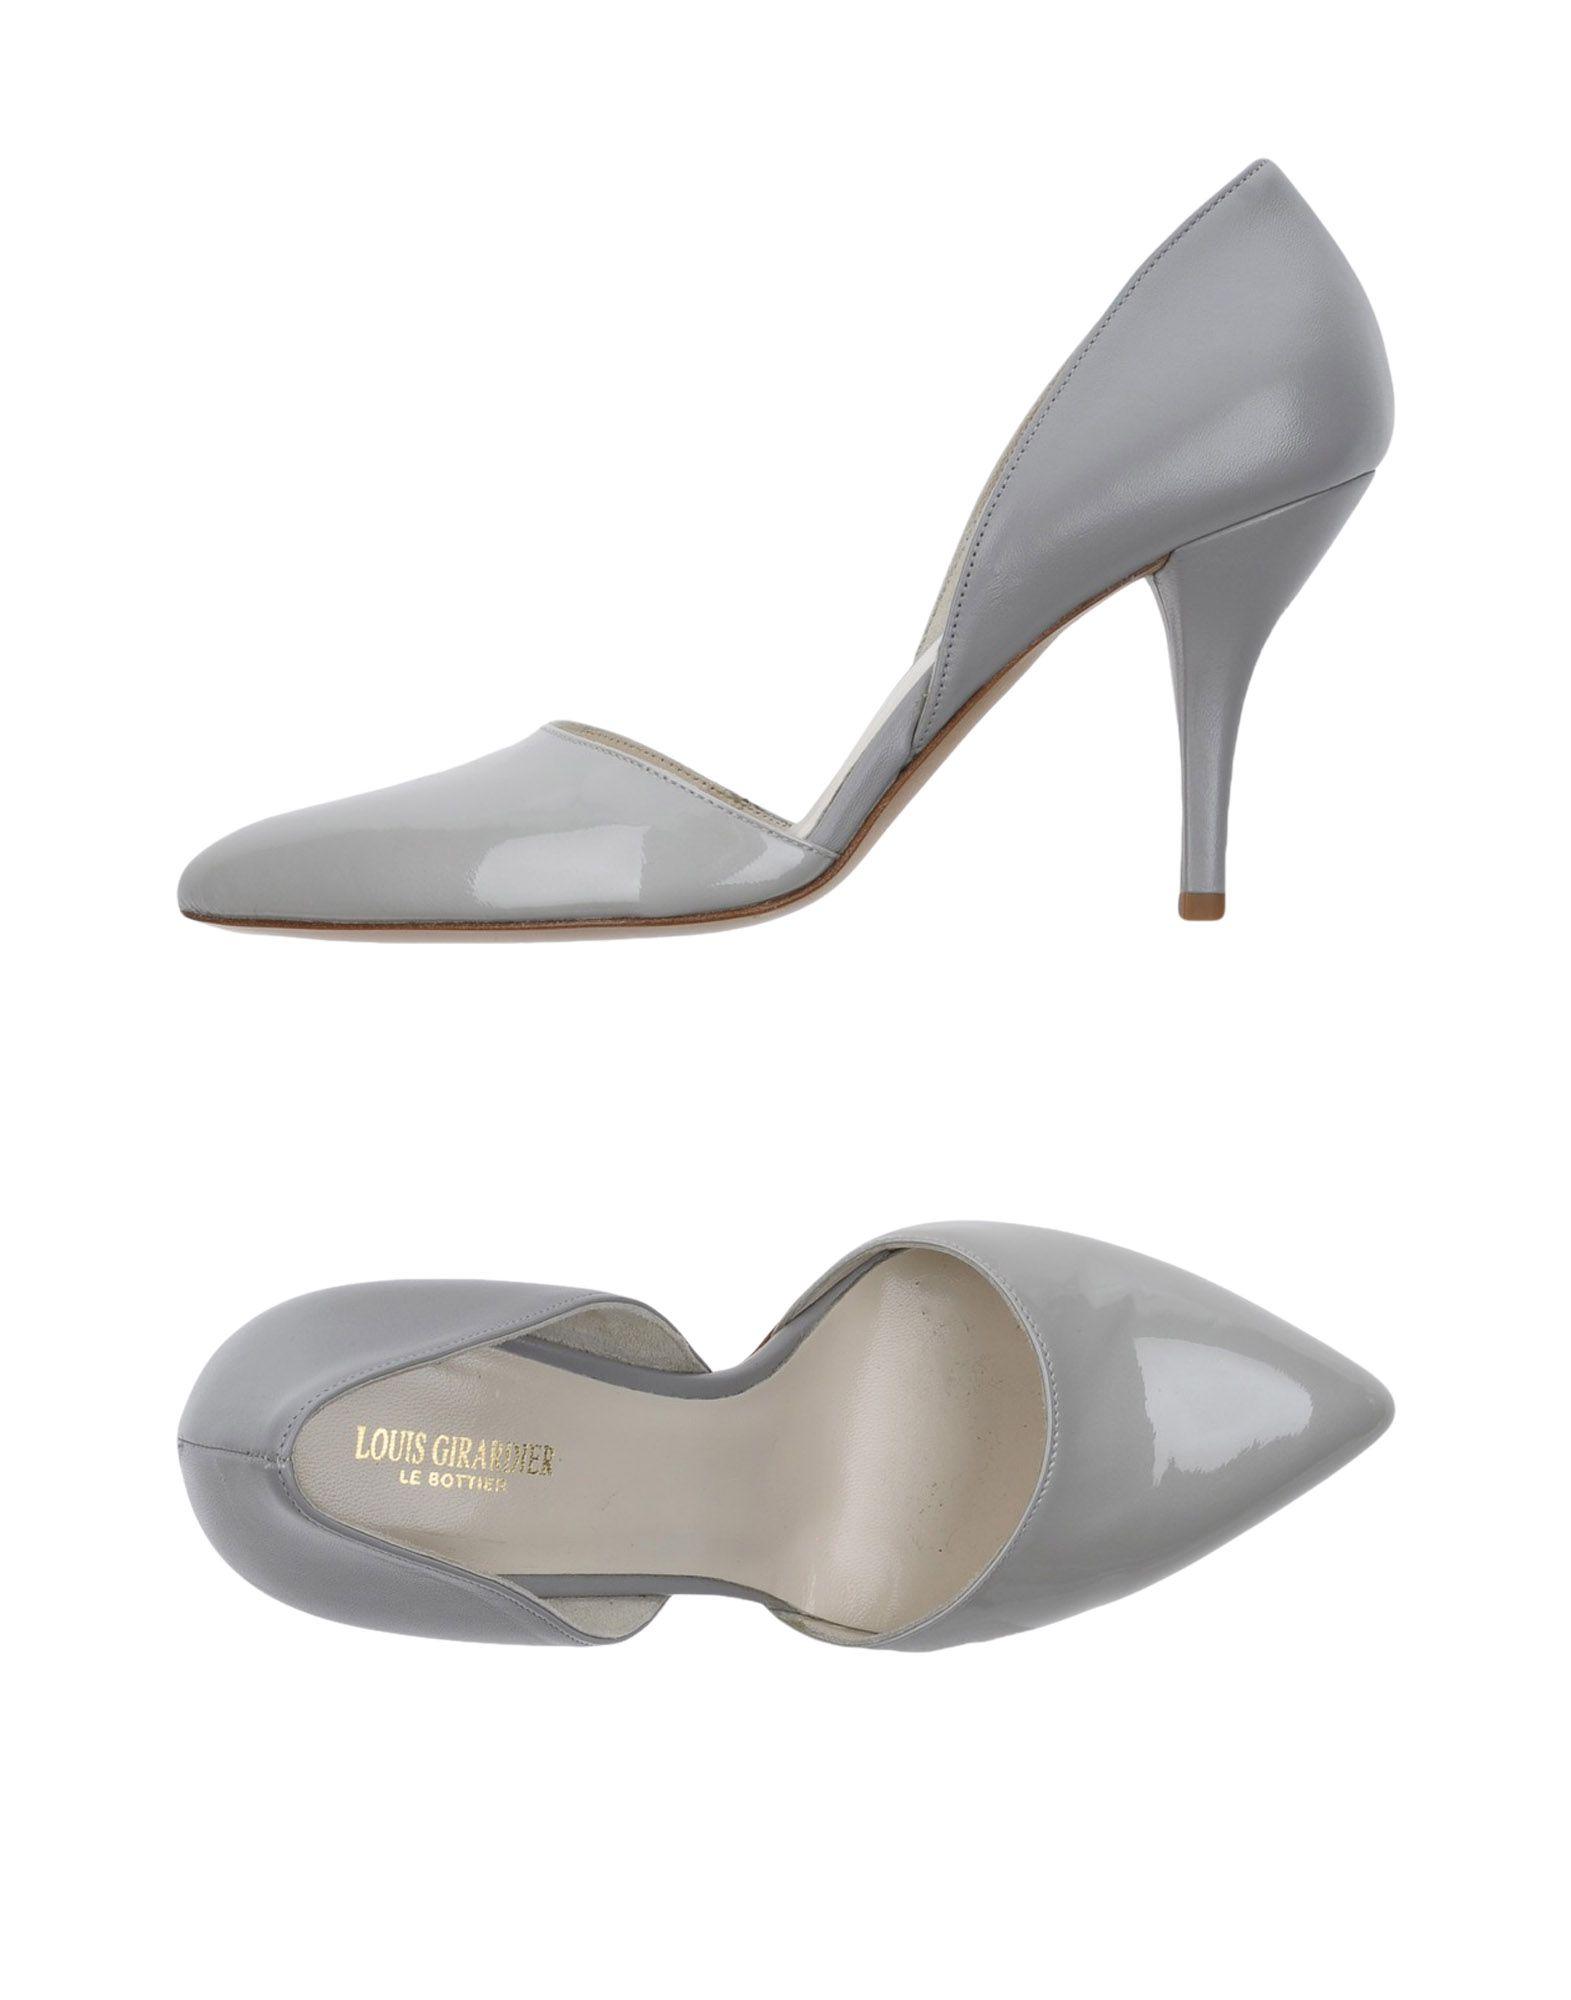 LOUIS GERARDIER Le Bottier Туфли louis gerardier le bottier обувь на шнурках